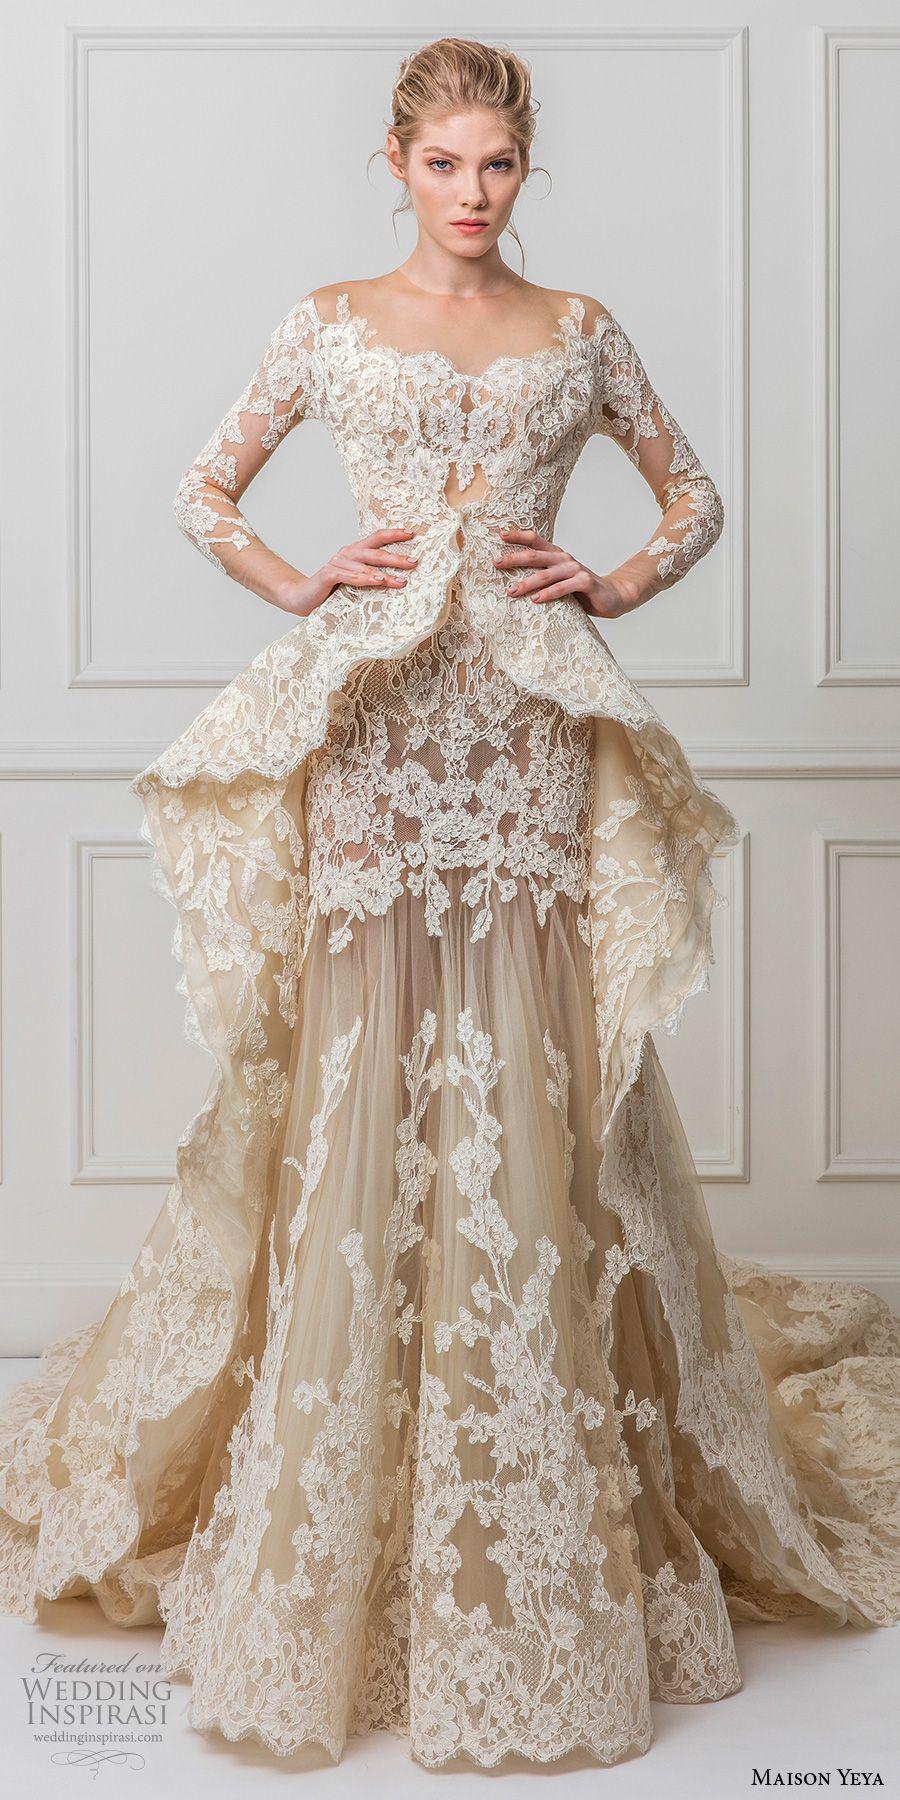 5c8f1b32eda Maison Yeya 2017 bridal three quarter sleeves illusion jewel off the  shoulder full embellishment peplum ivory elegant glamourous lace a line wedding  dress ...